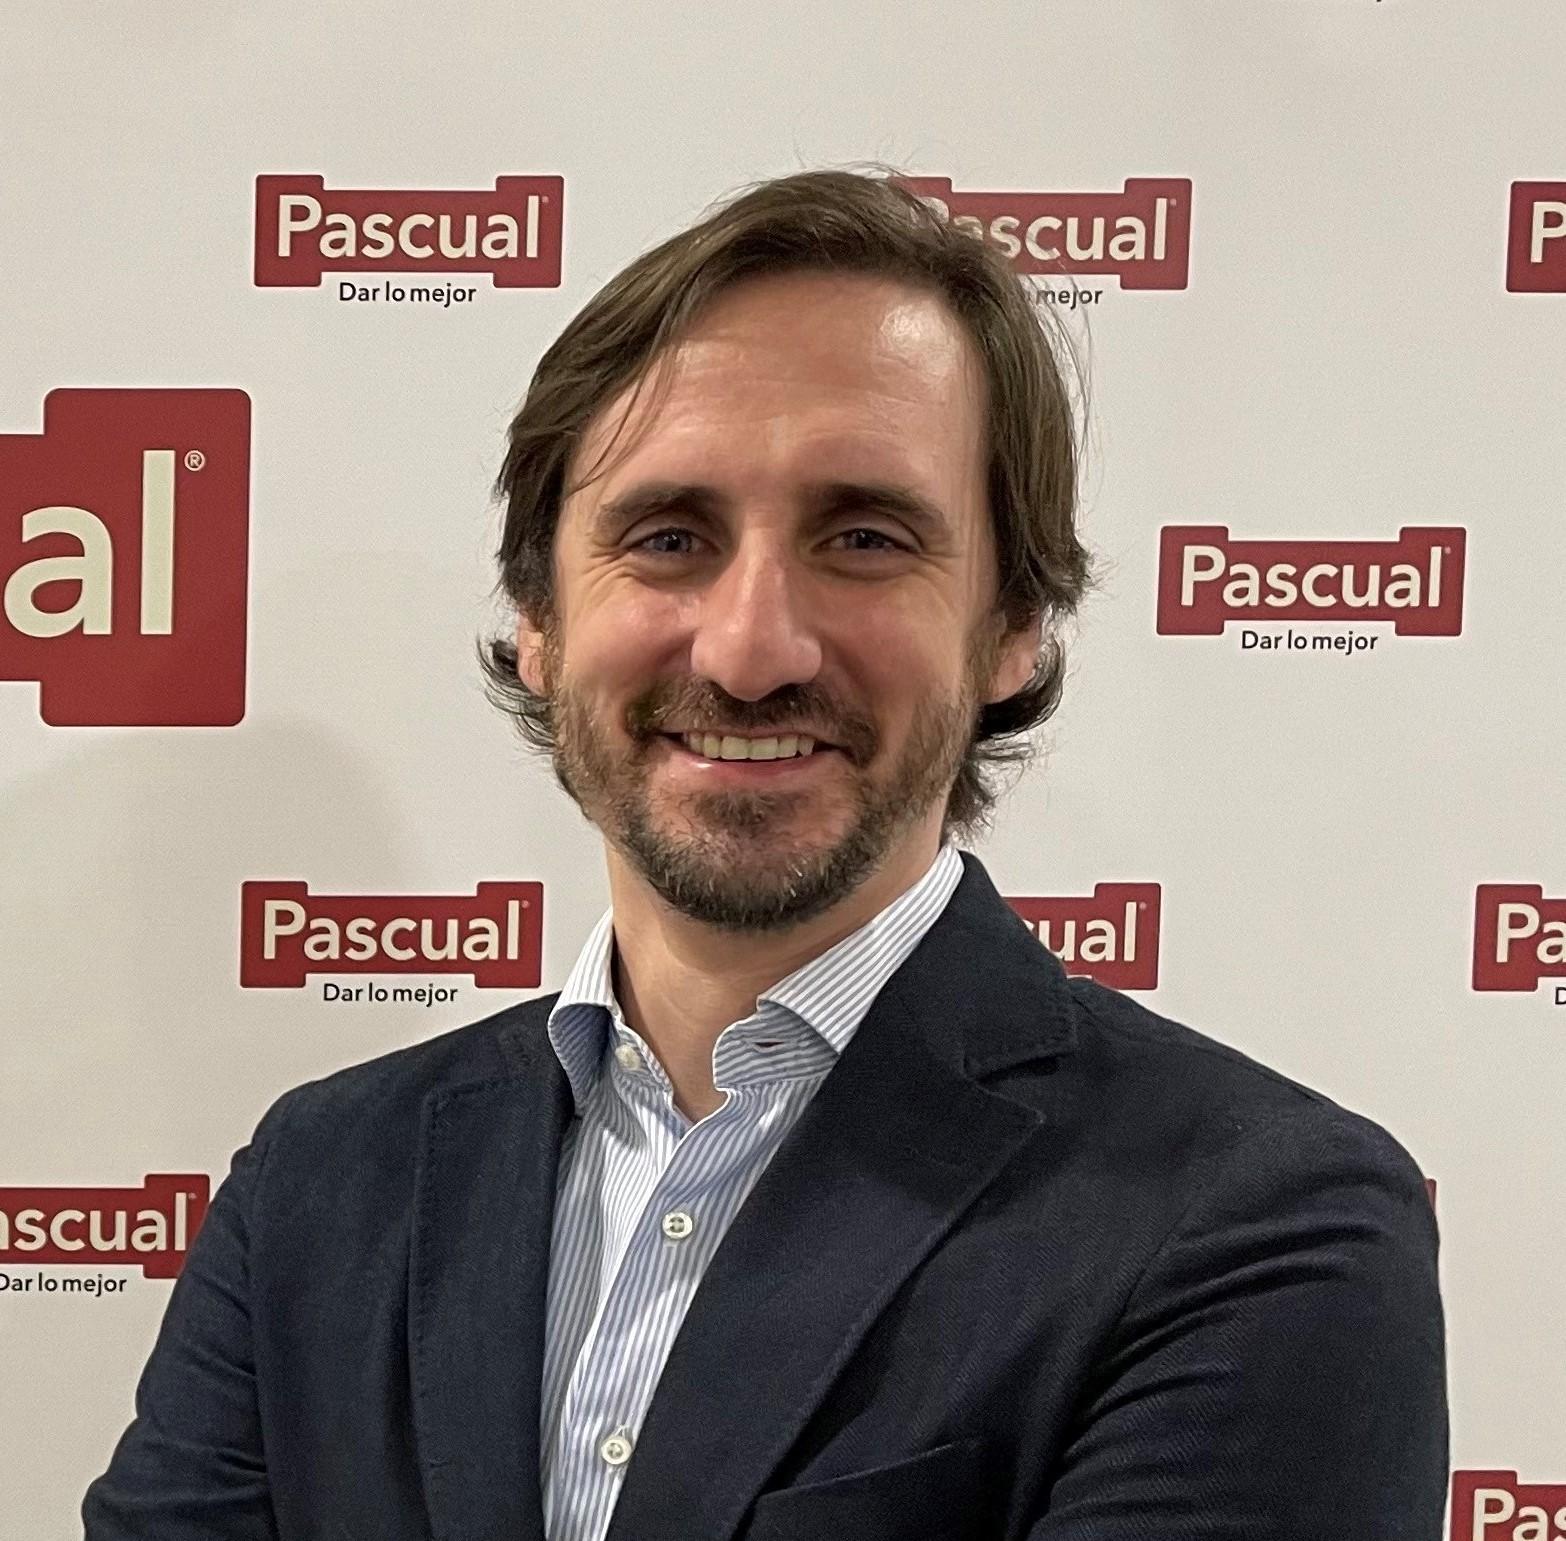 Tomas Pascual Recuero